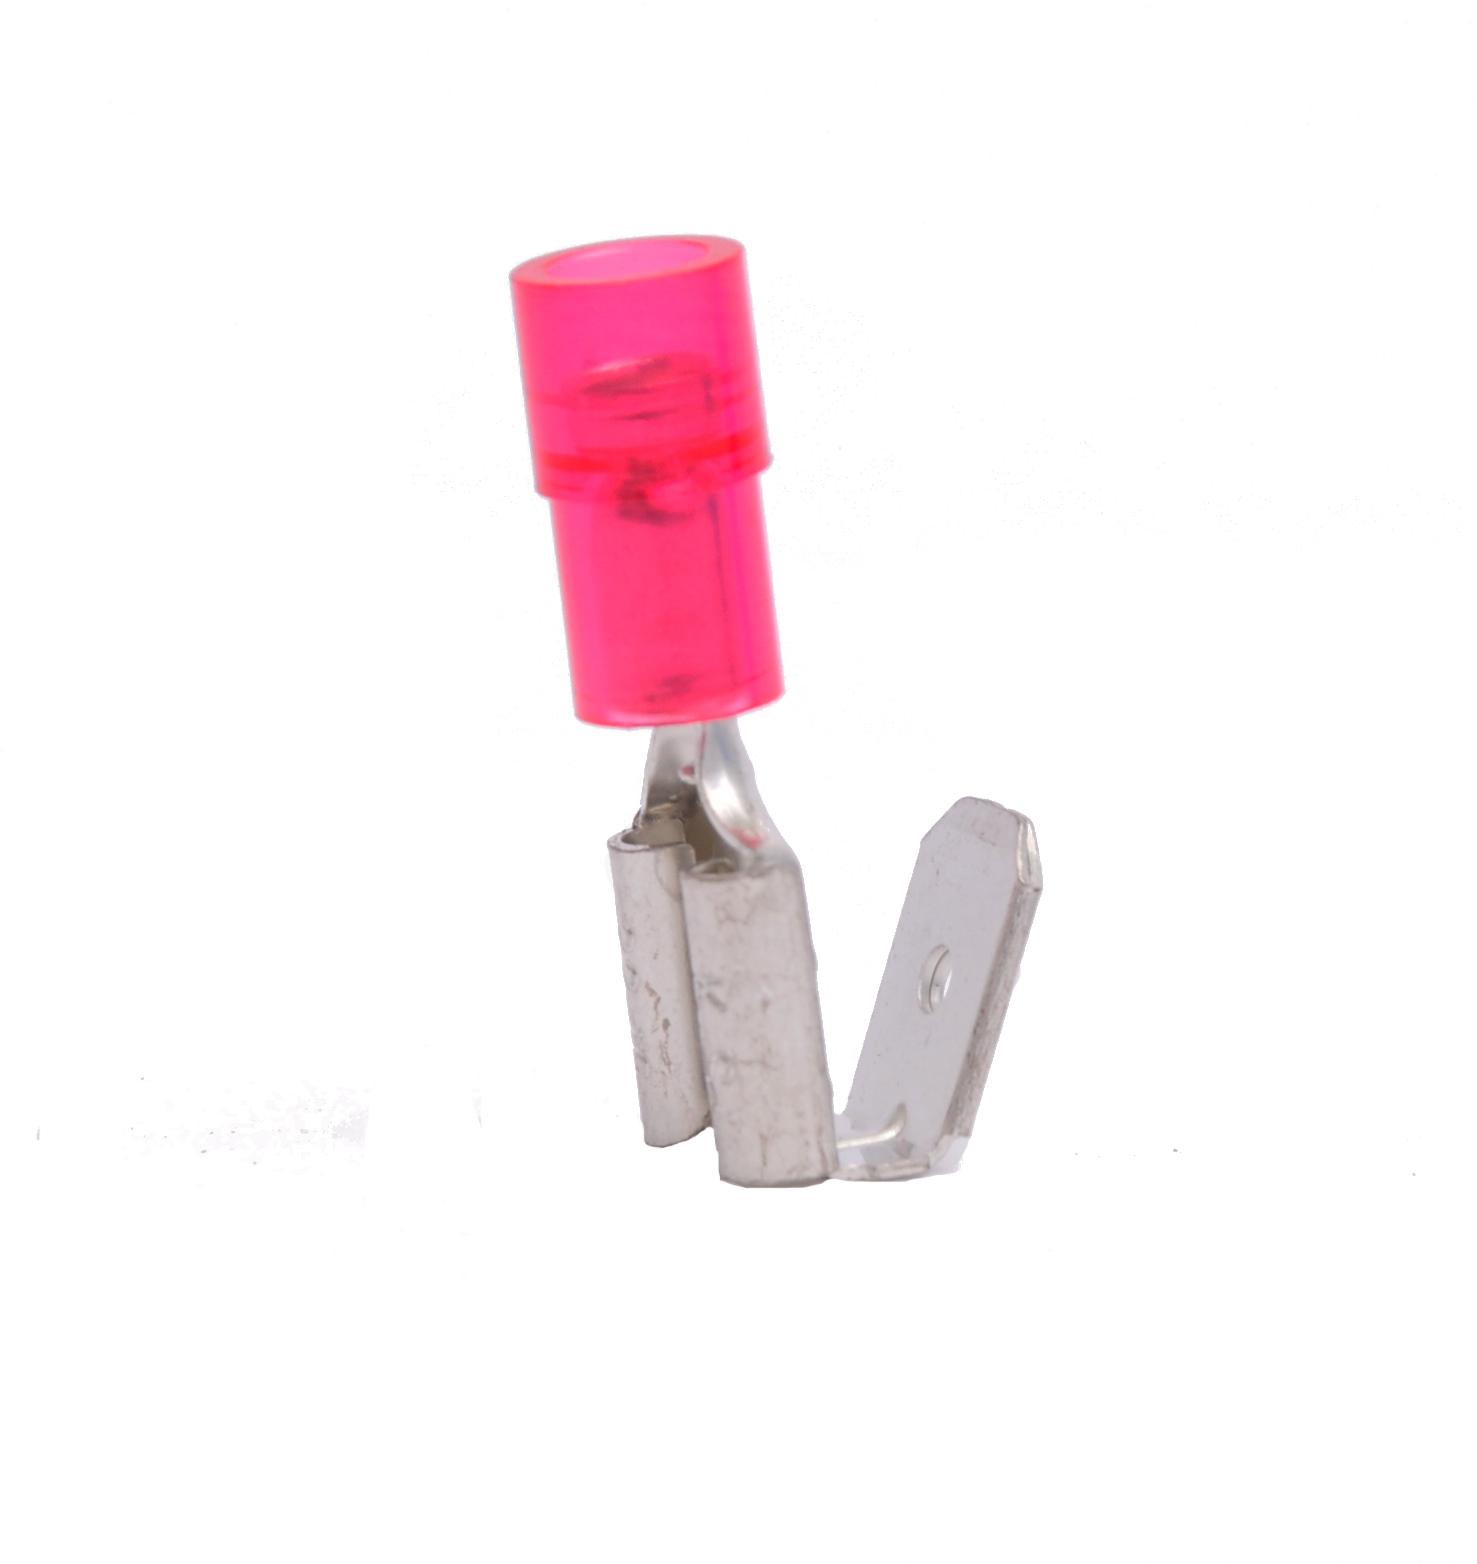 22-18 3-pc Nylon Insulated Piggyback